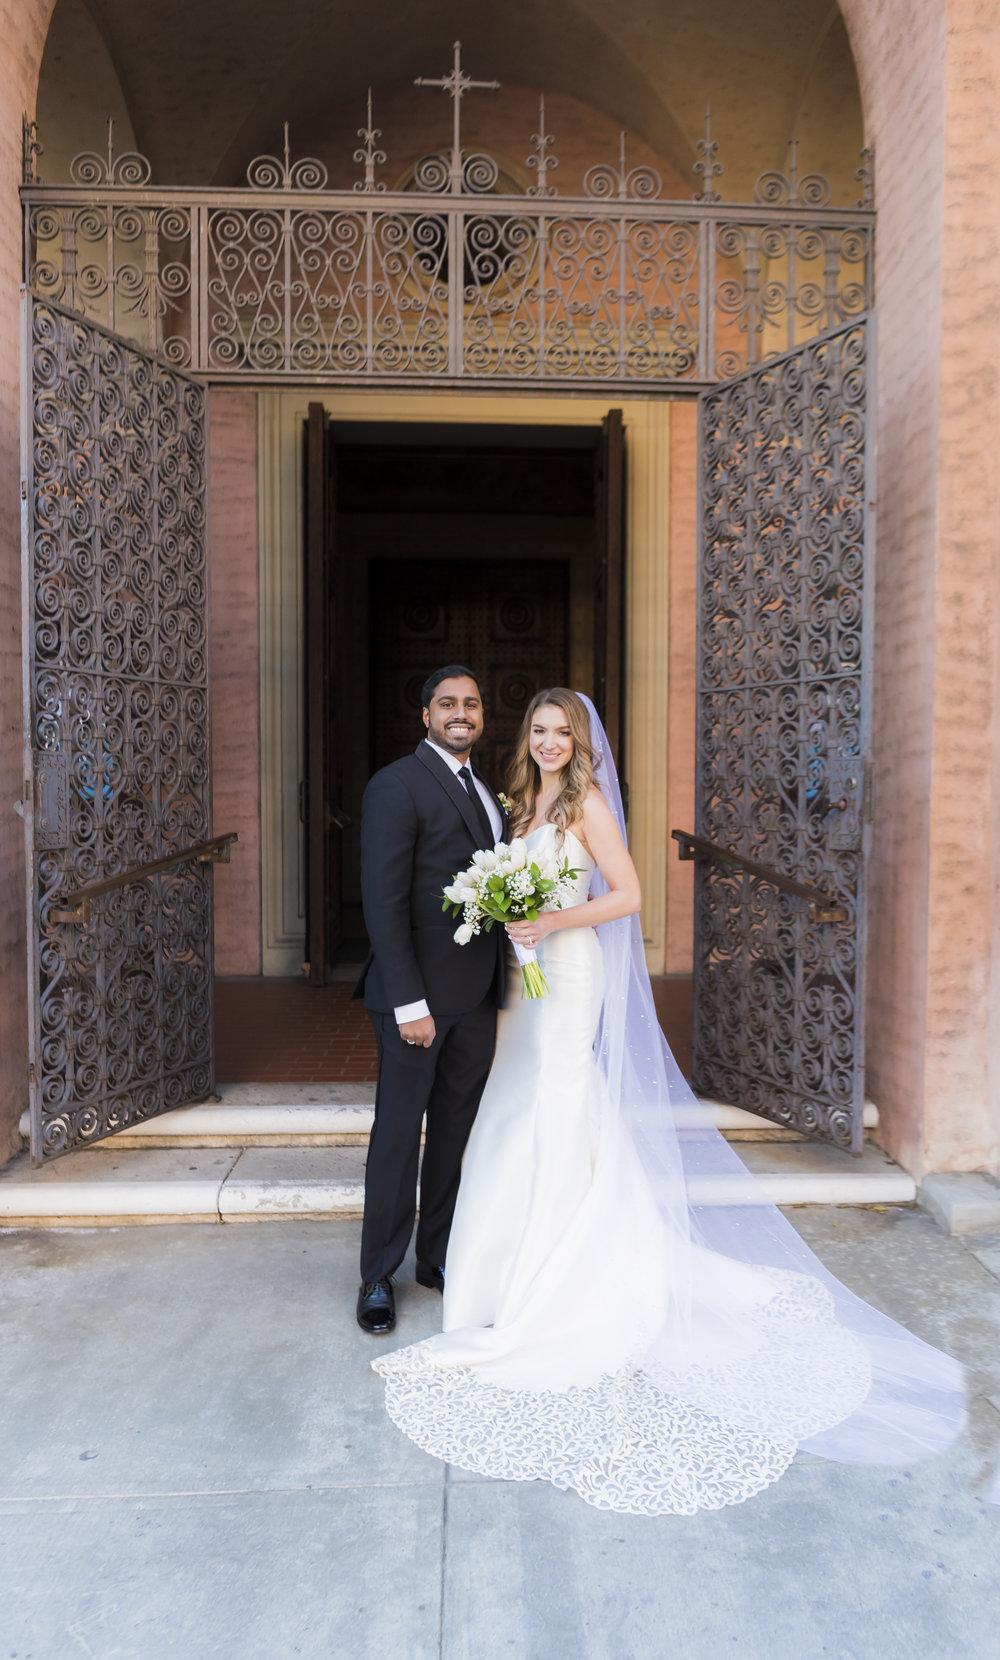 wedding_monicalindaphotography-21.jpg